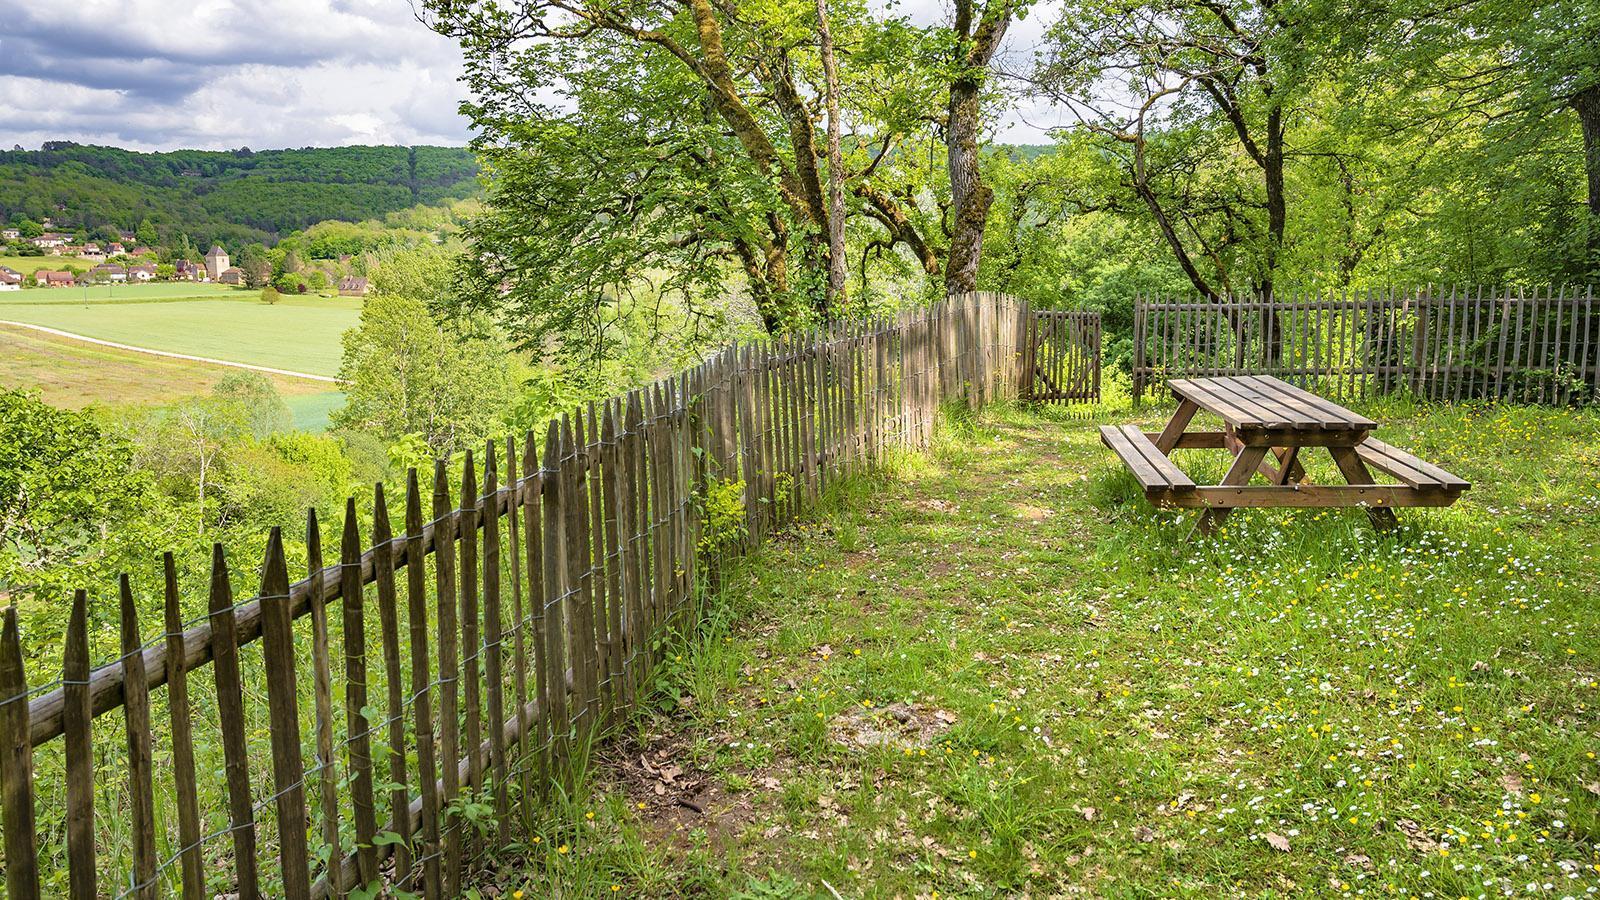 Der Picknickplatz hoch auf der Klippe mit Blick auf Tursac. Foto: Hilke Maunder